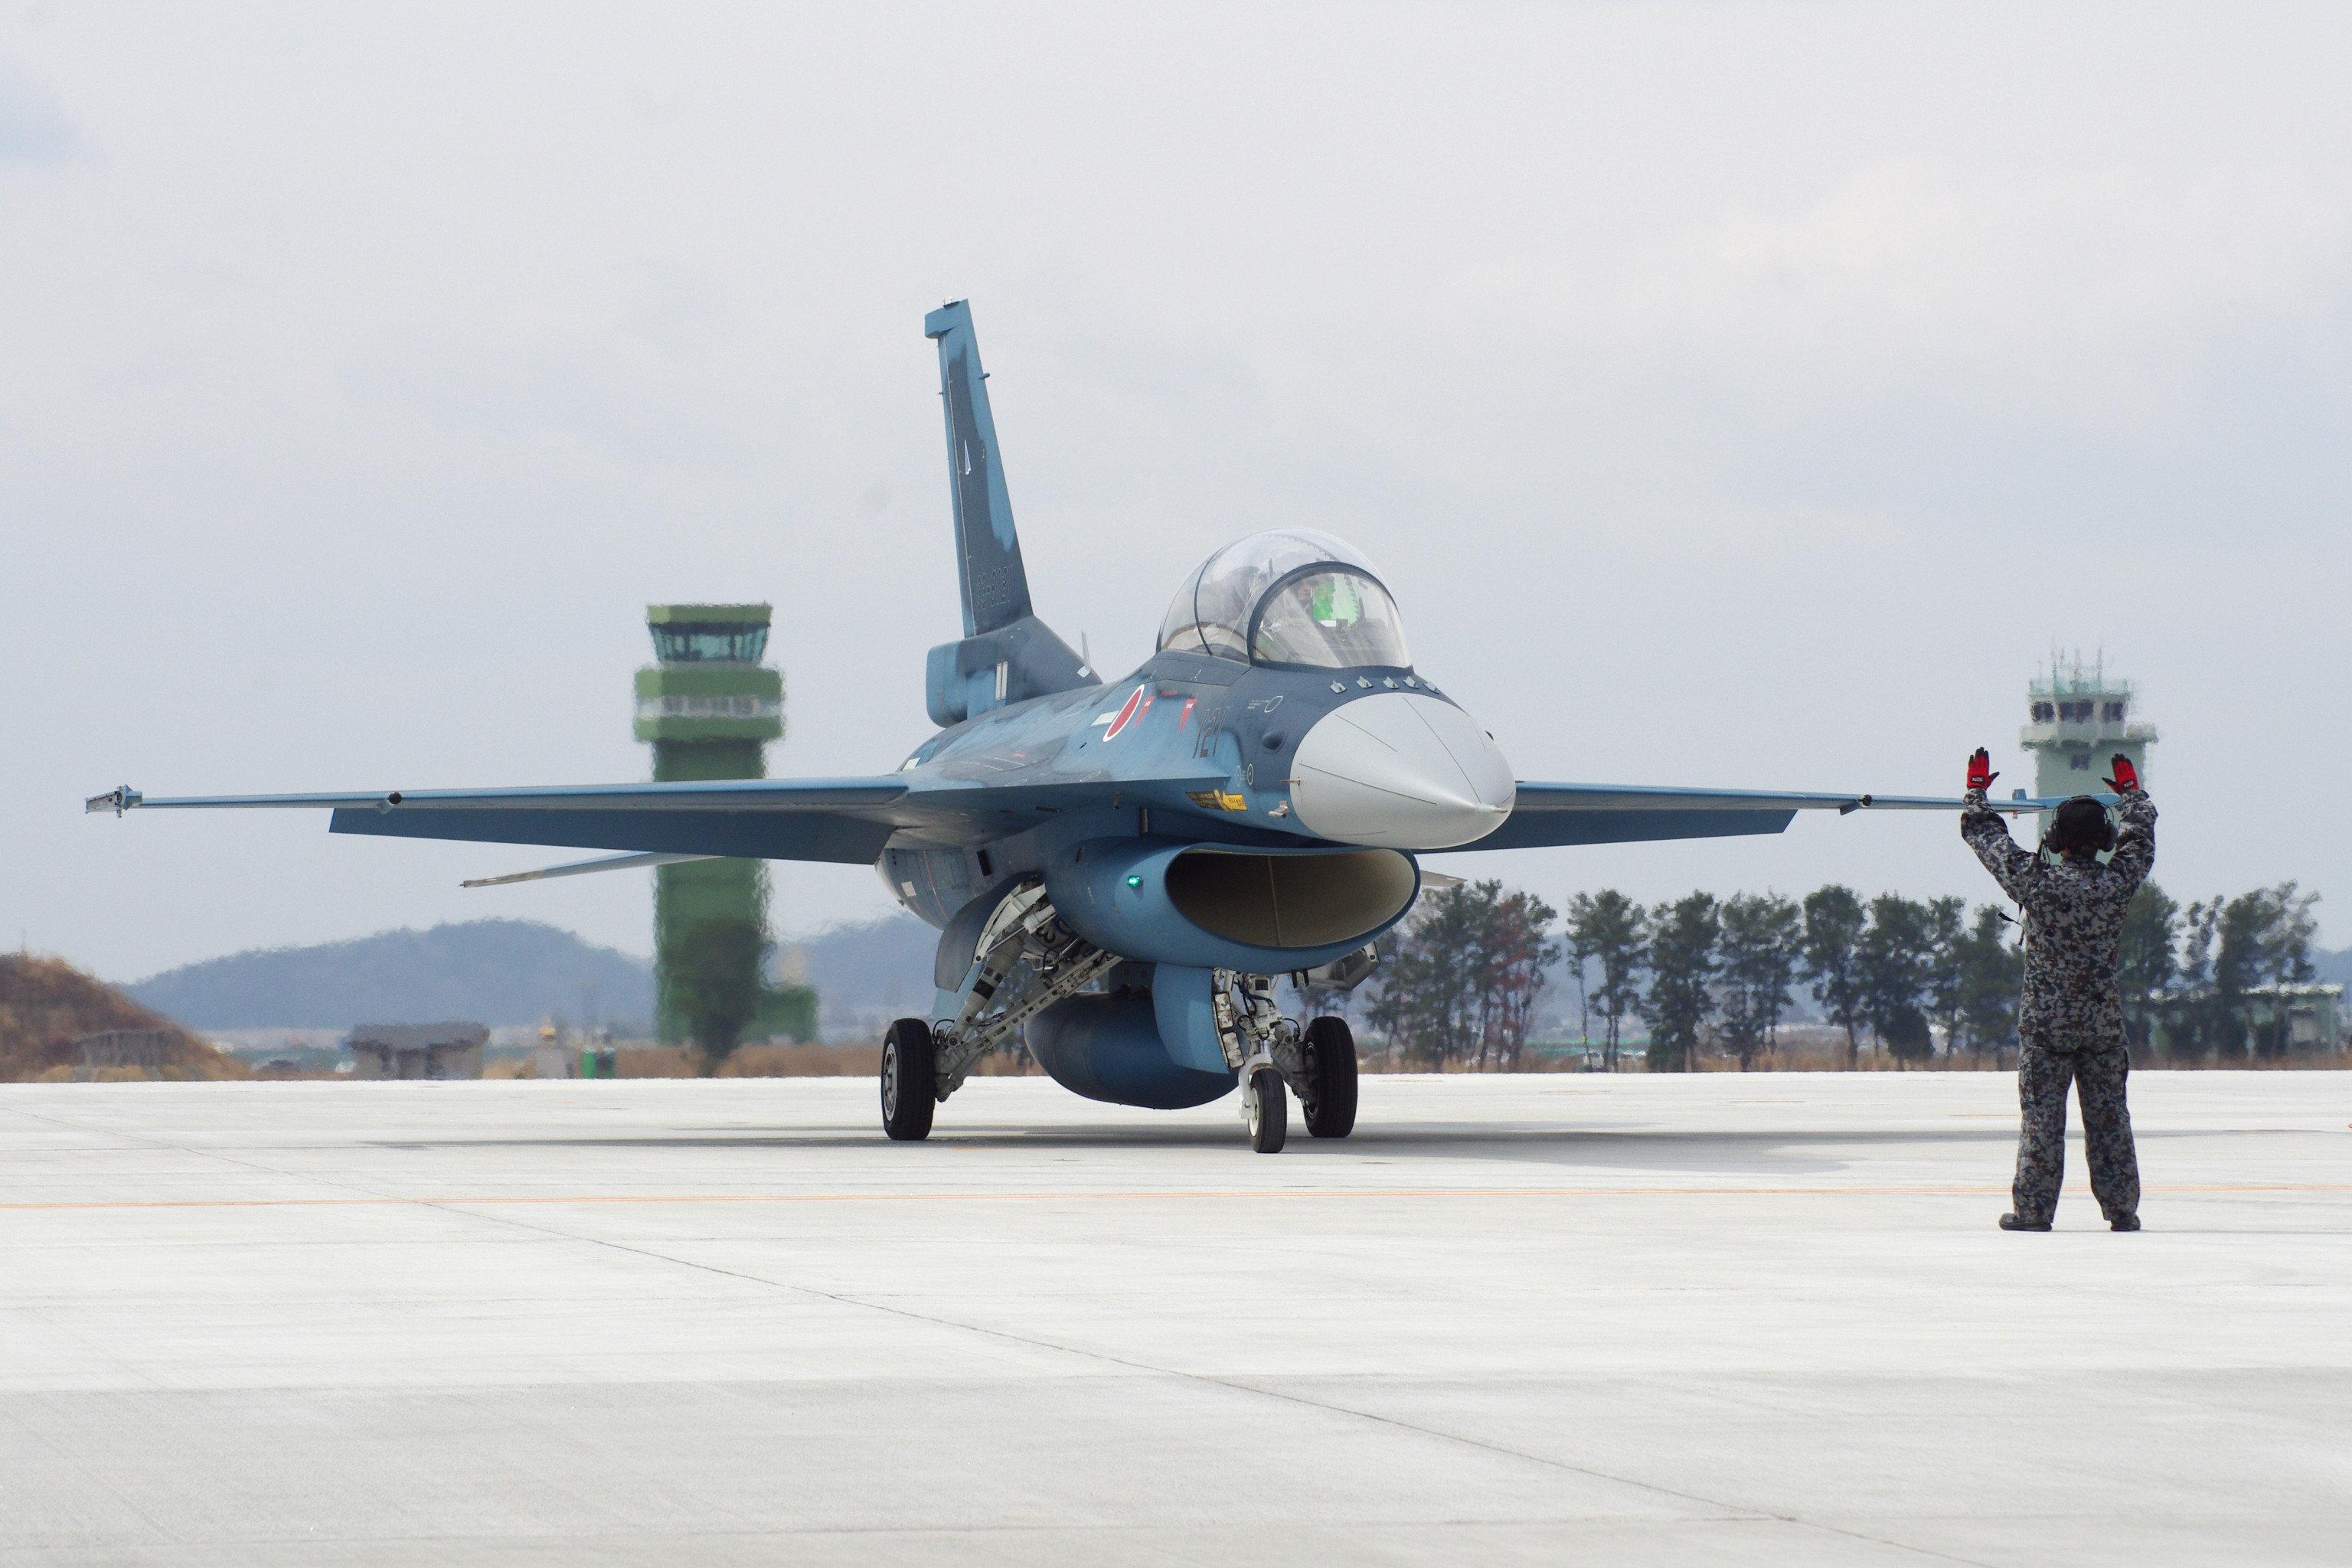 航空自衛隊F2戦闘機、山口県沖でレーダーから消失 NHKなど速報